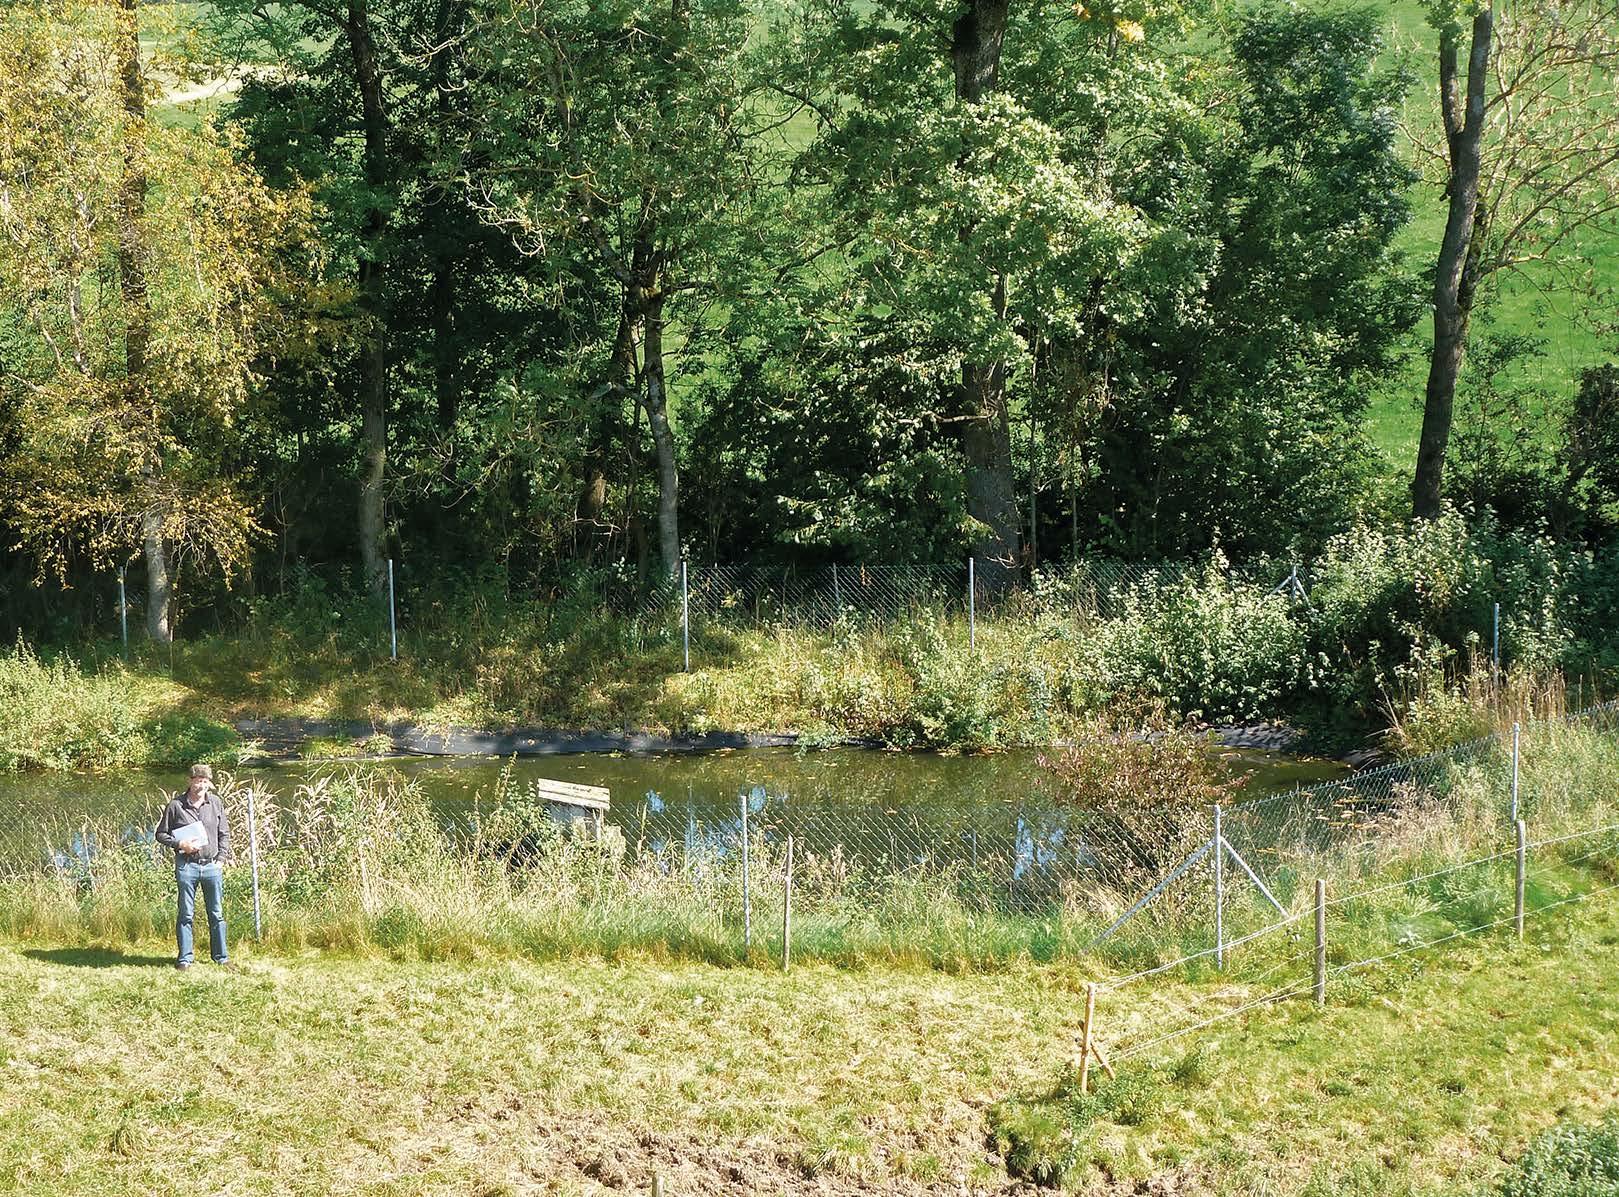 Der Klärteich für vier Höfe, seit 10 Jahren mit EM behandelt, funktioniert tadellos.